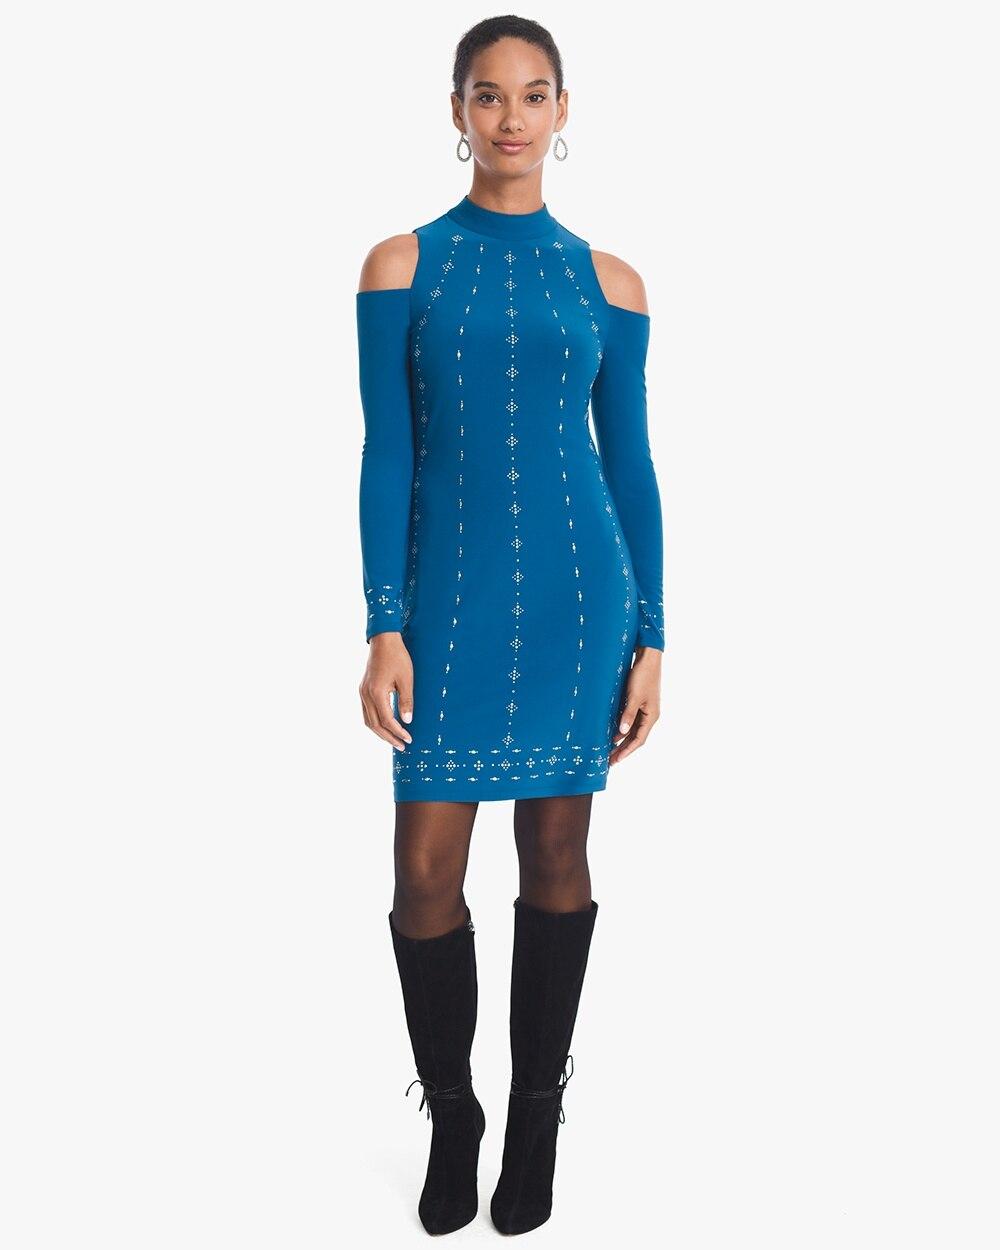 25376e76b6d Cold-Shoulder Embellished Mock Neck Knit Shift Dress - White House Black  Market